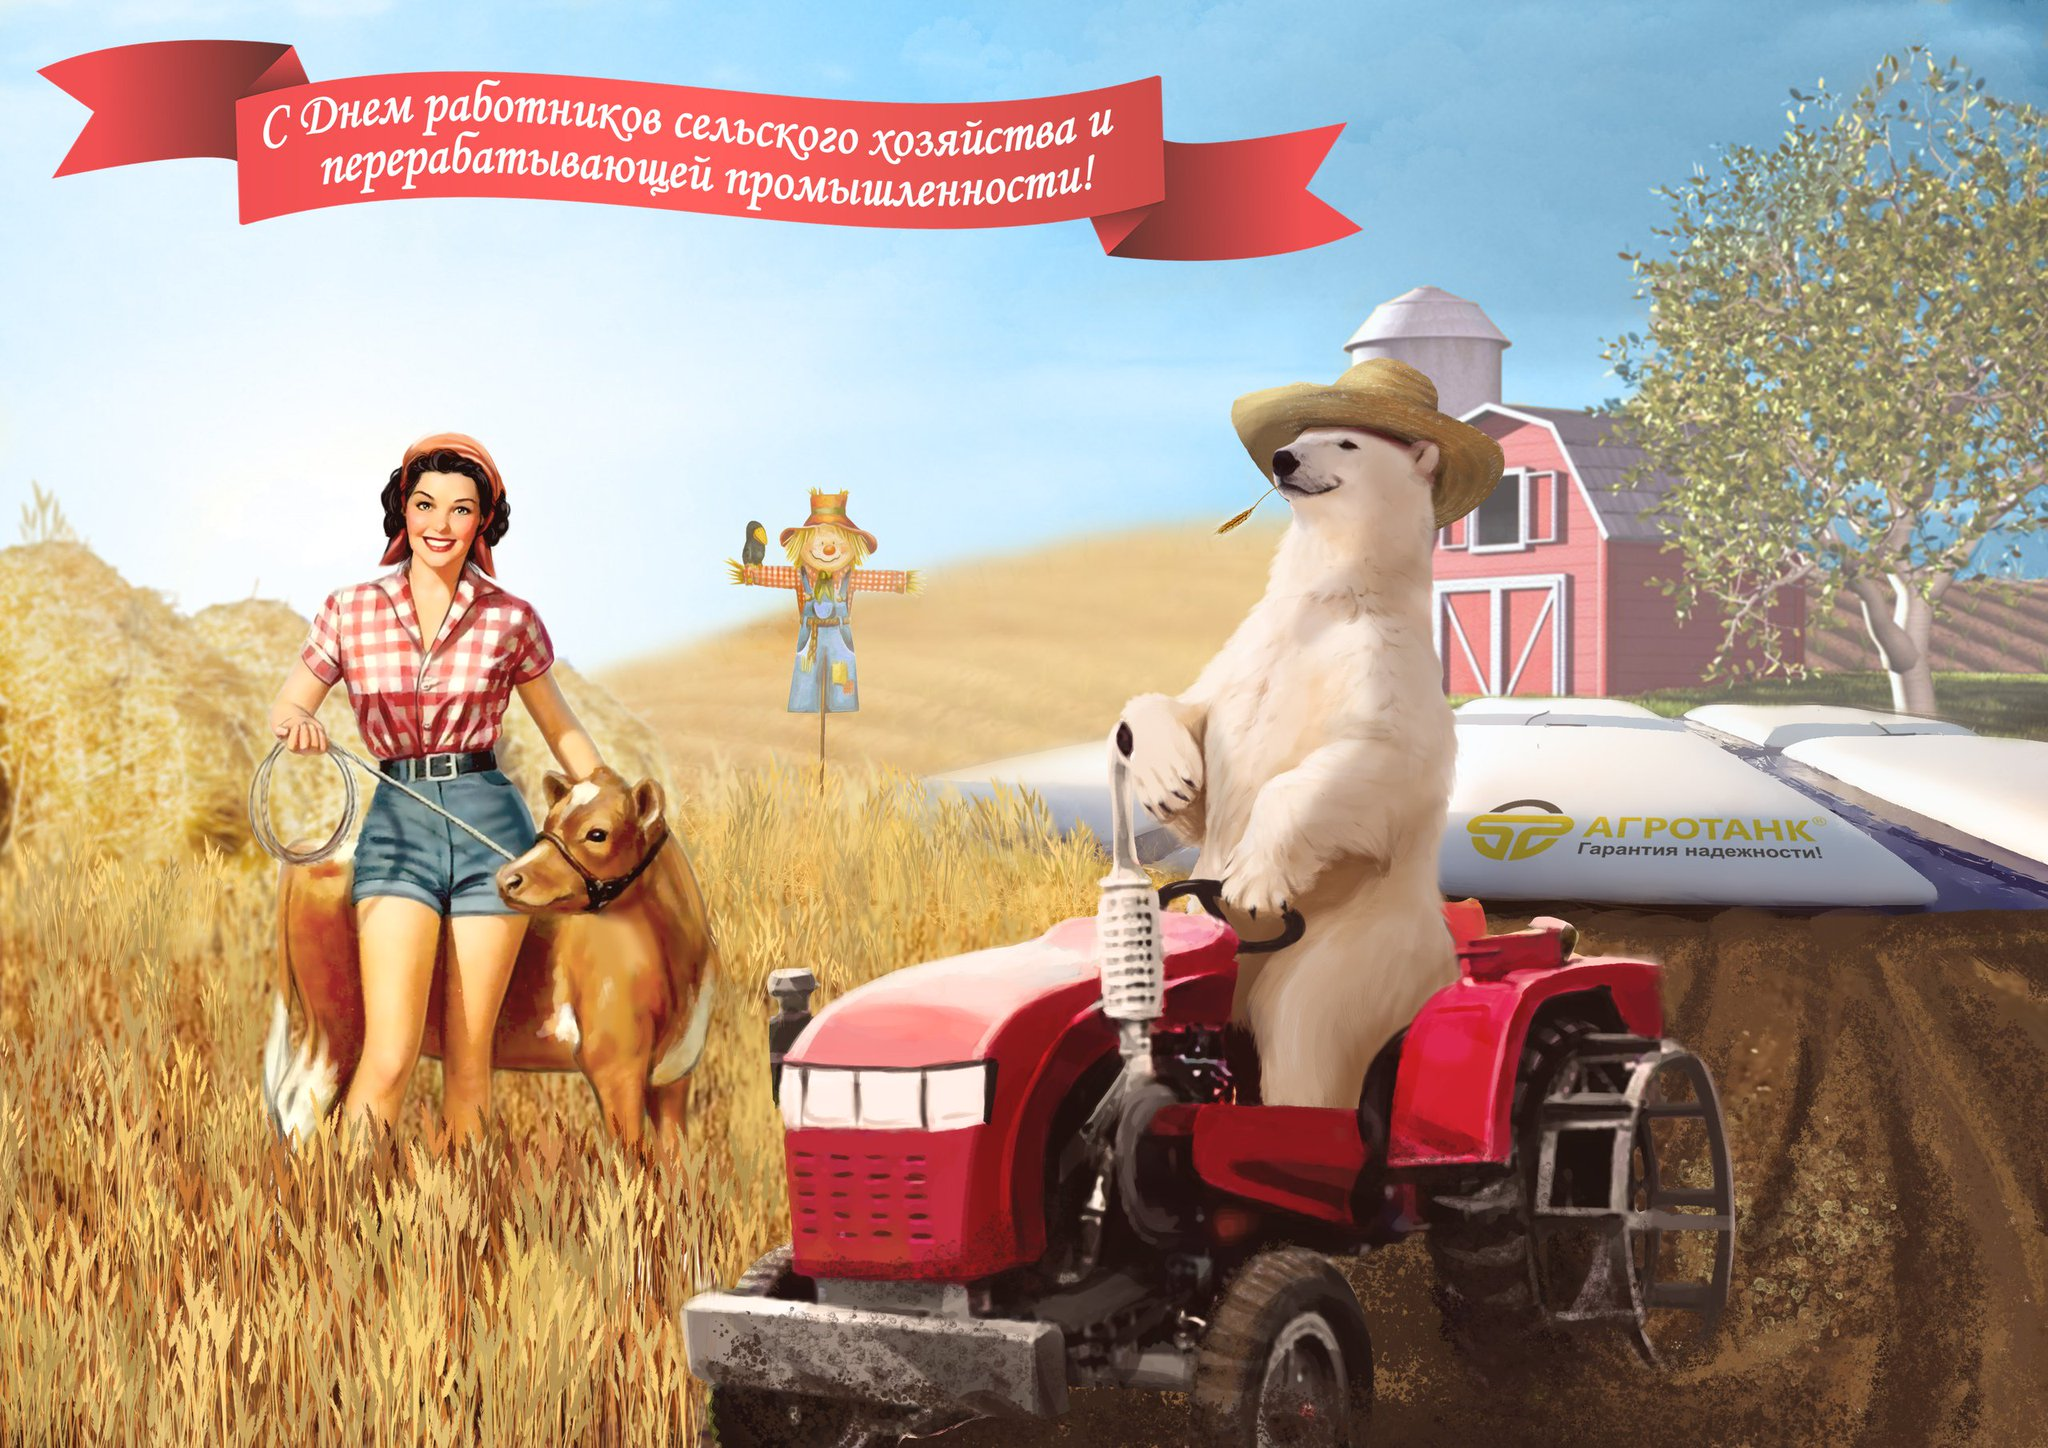 Прикольные картинки с днем сельского хозяйства данной